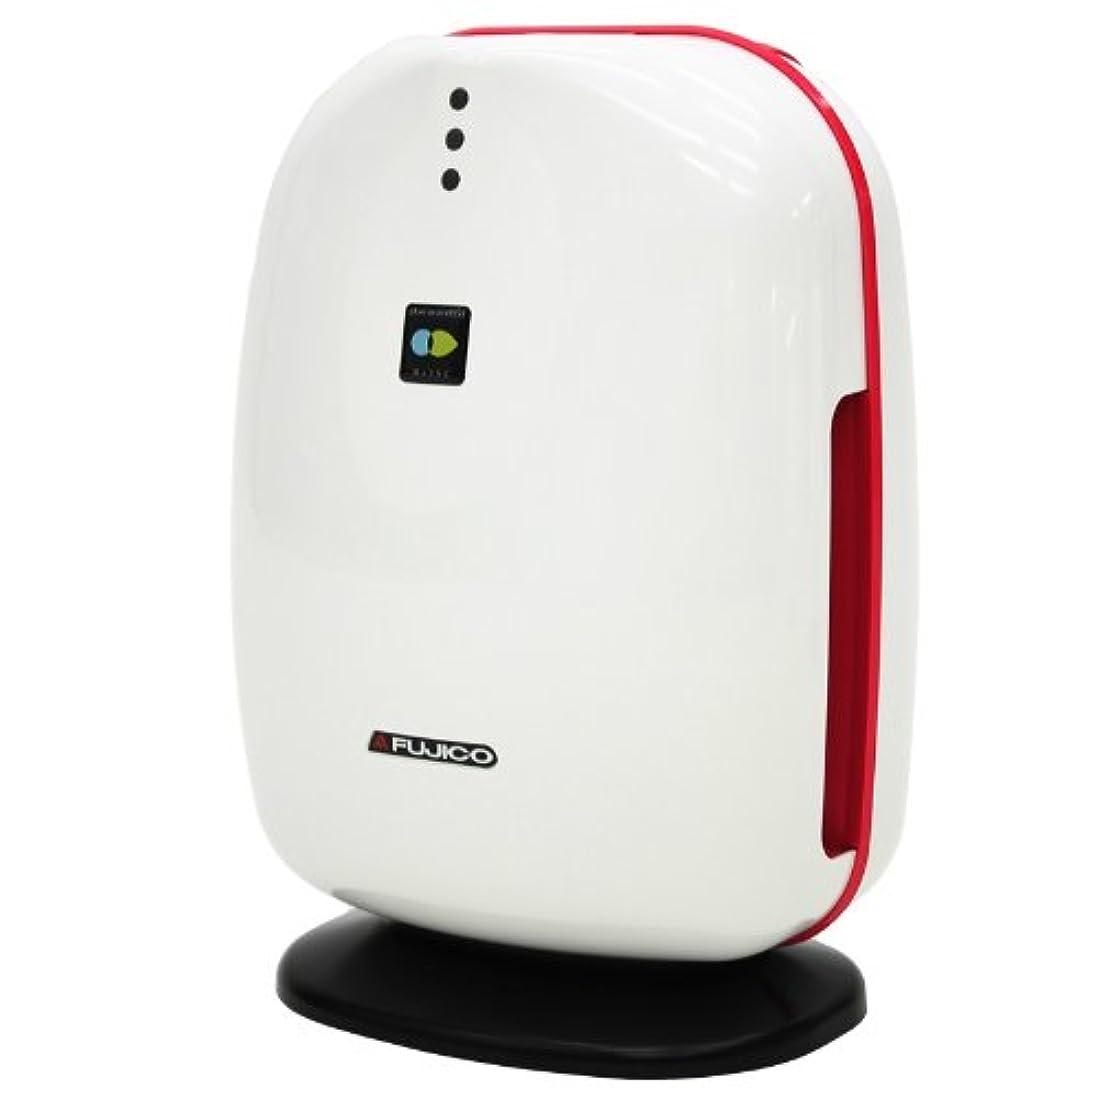 ポインタ突っ込む面白い空気消臭除菌装置マスククリーンMC-V2 ピンク